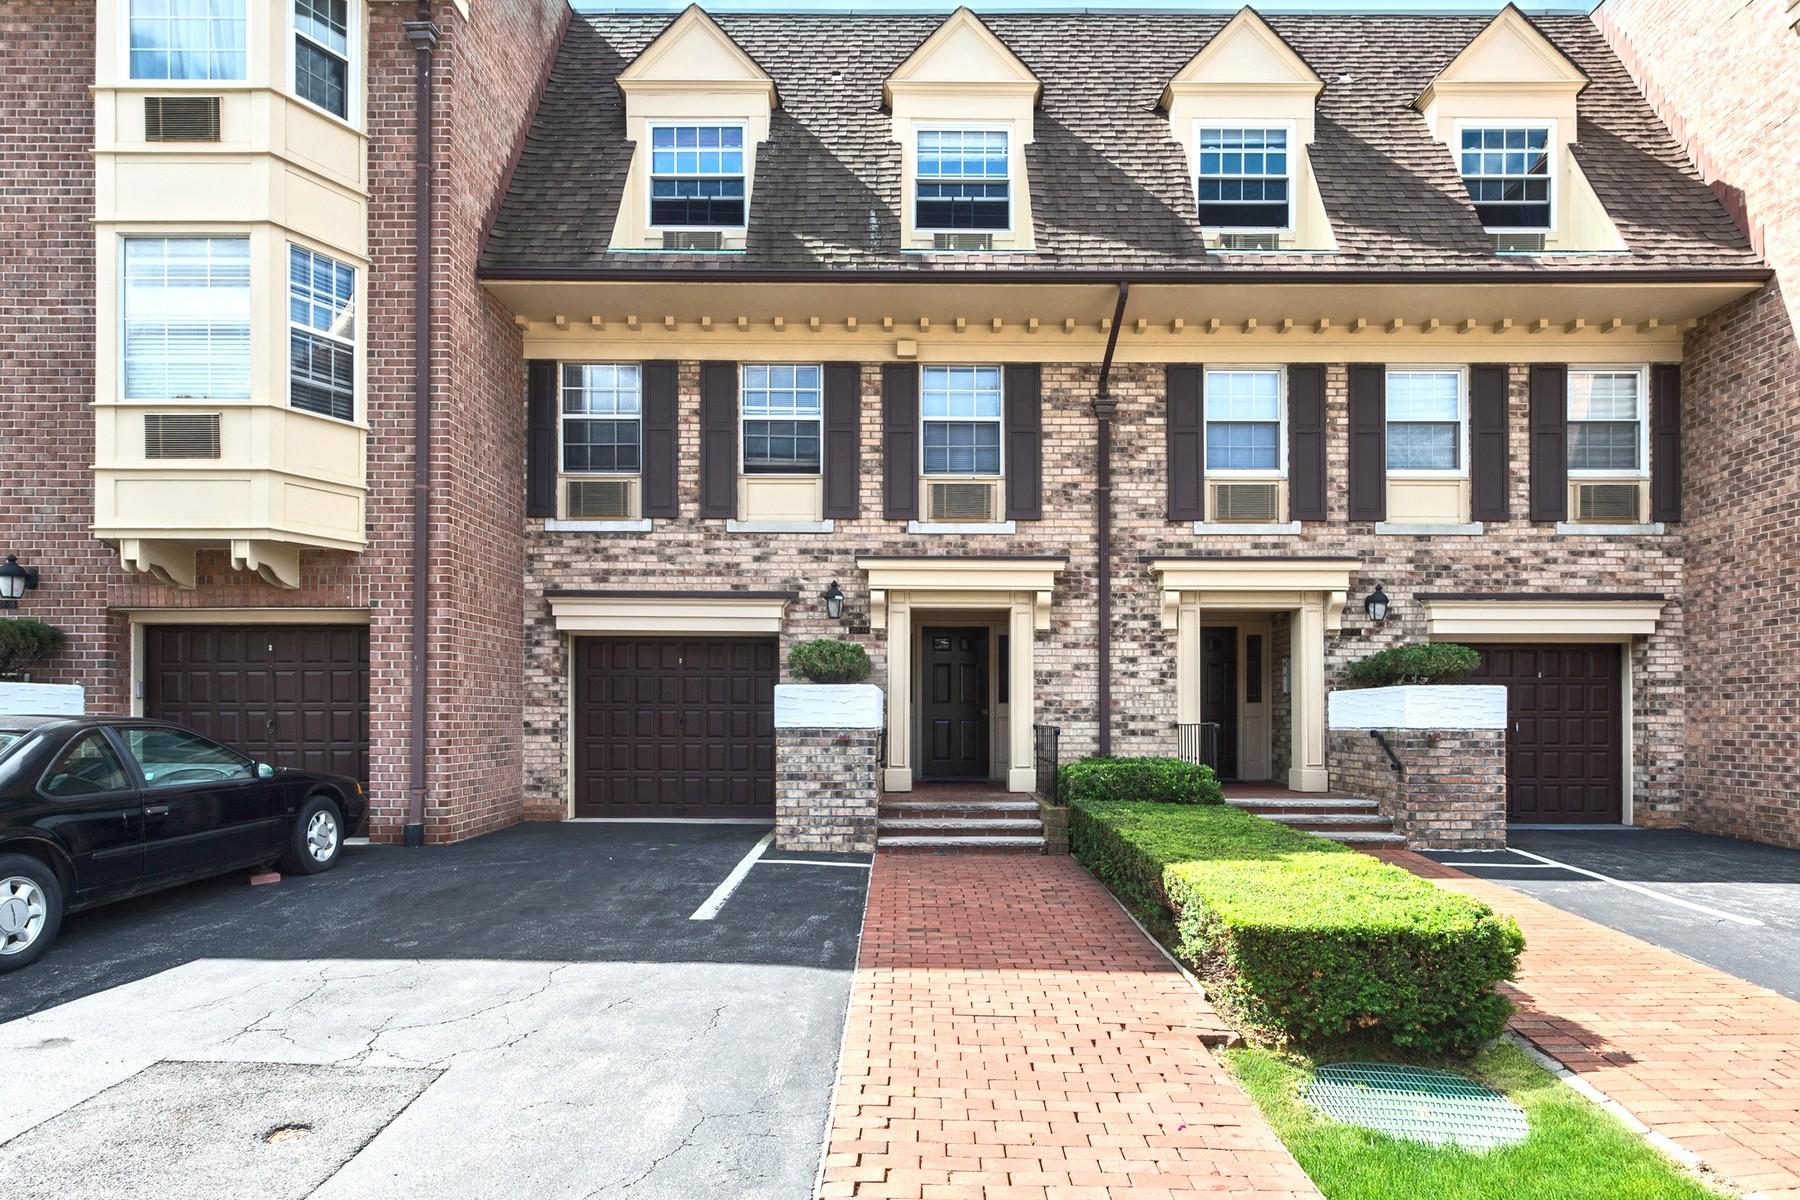 共管式独立产权公寓 为 销售 在 207-14 Jordan Dr , 3rd Fl, Bayside, NY 11360 207-14 Jordan Dr 3rd Fl 贝赛德, 纽约州 11360 美国